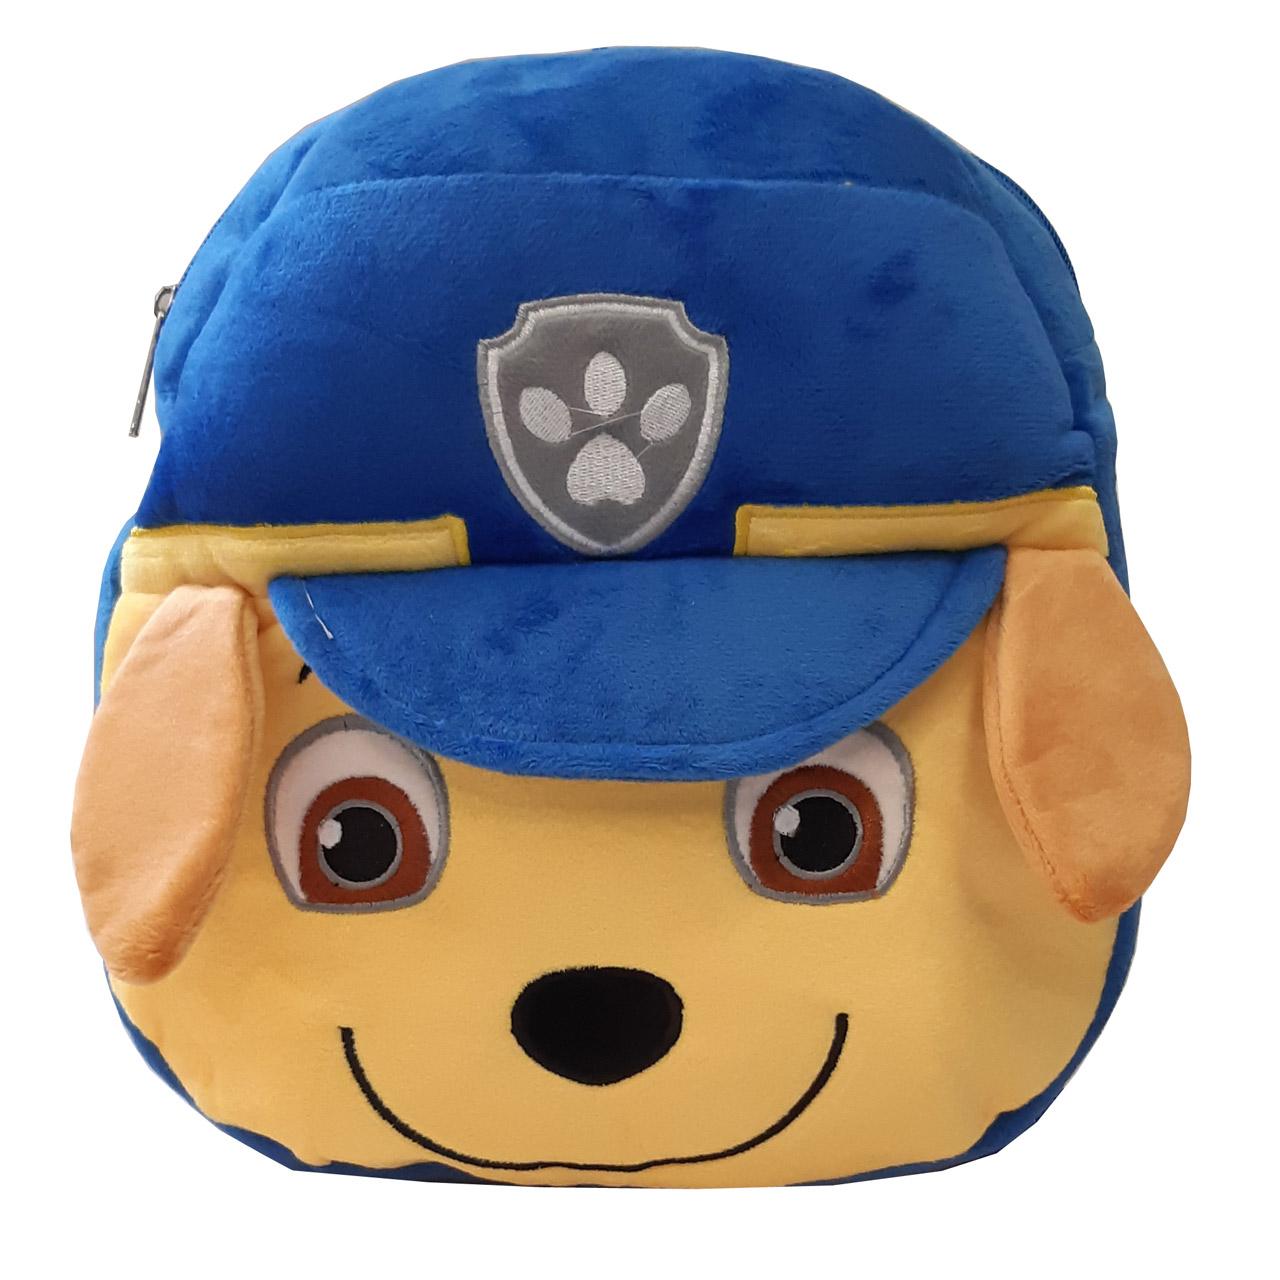 کوله پشتی کودک مدل سگ نگهبان کد 10